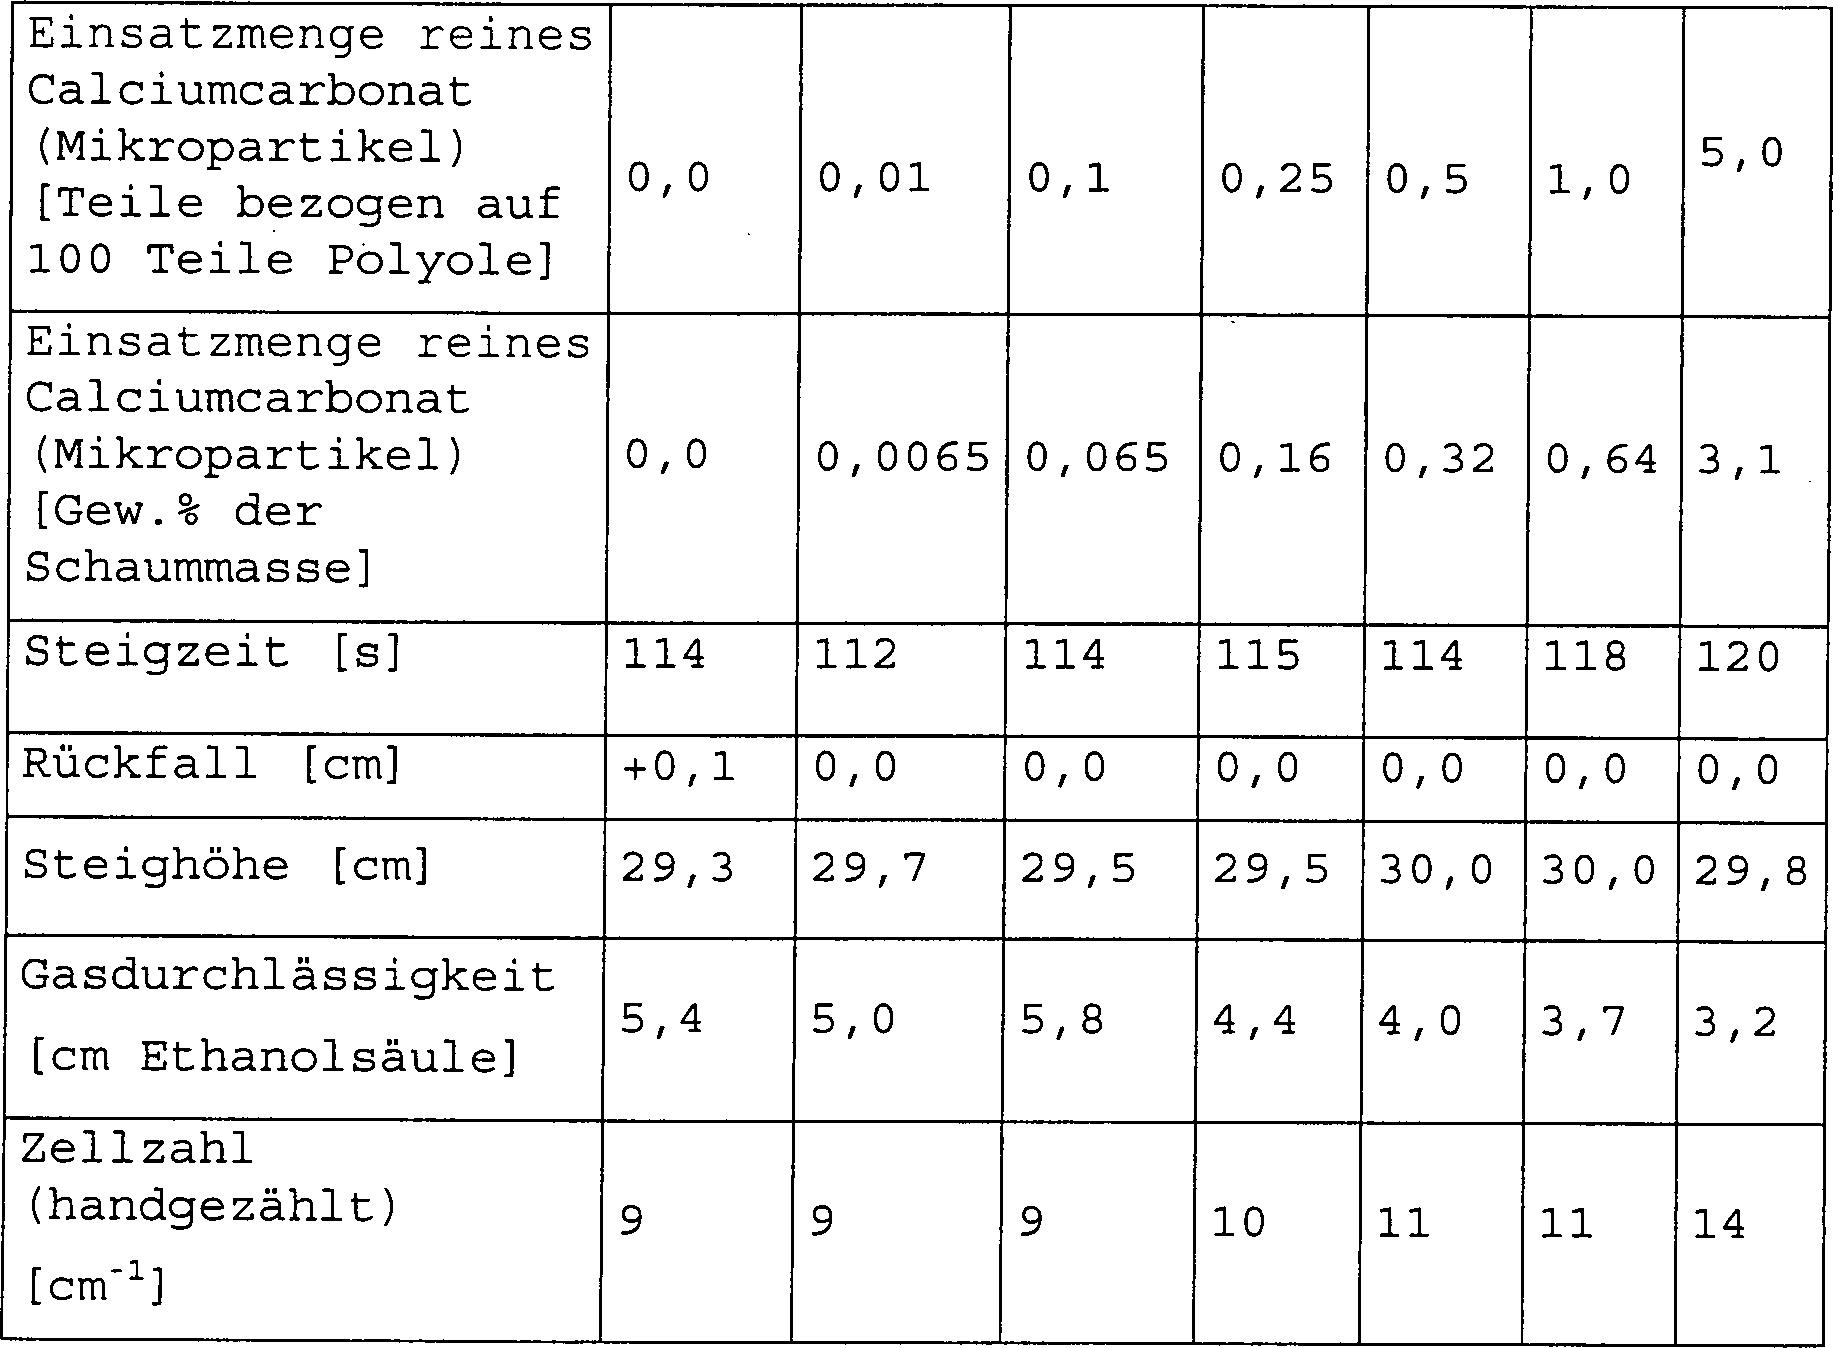 Beispiel 6 Konzentrationsreihe mit reinen Calciumcarbonat Mikropartikeln